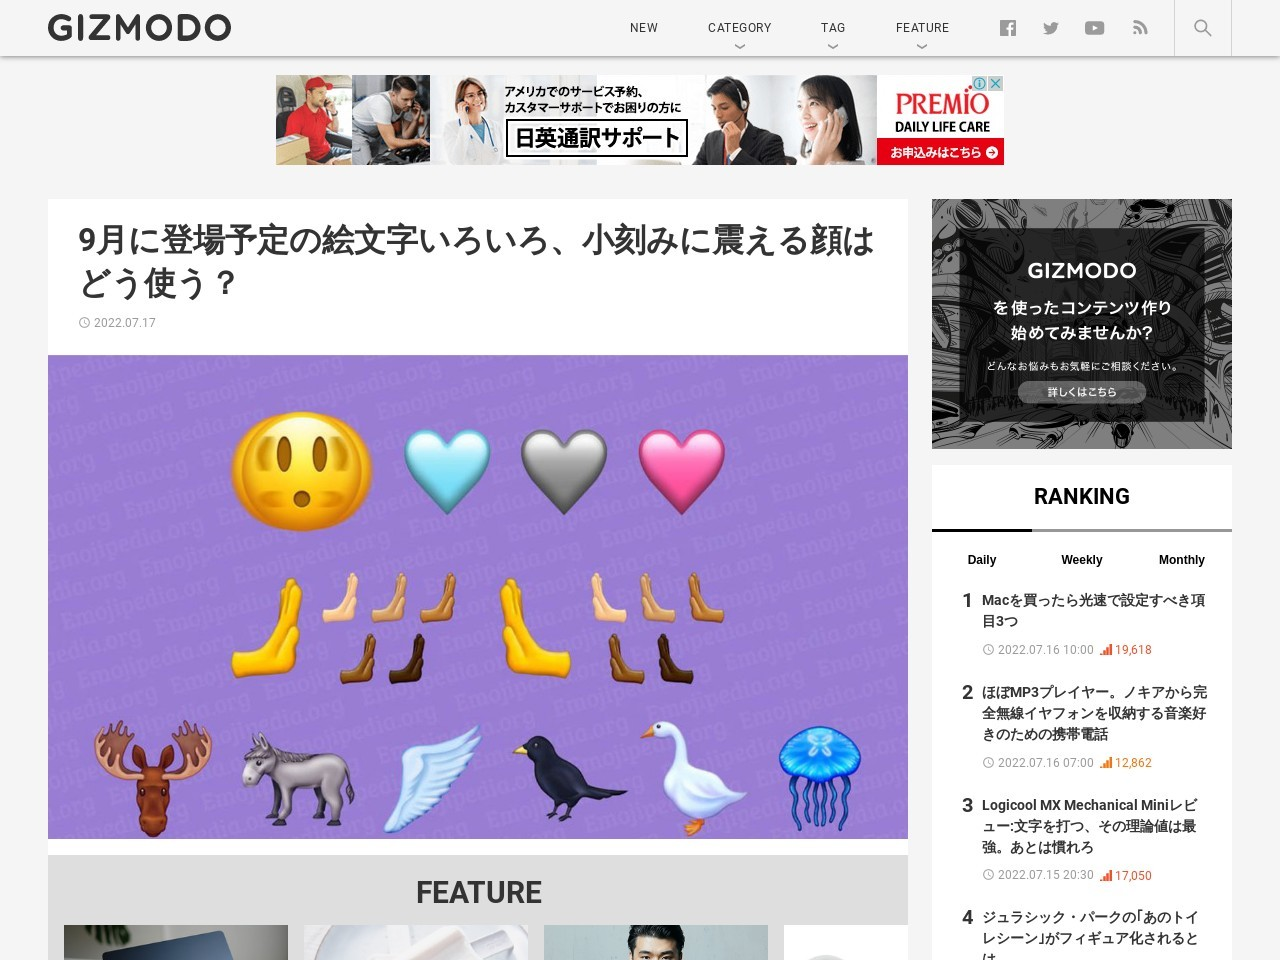 ギズモード・ジャパン読者がもっとも購入したPC・周辺機器ランキング:2019年5月